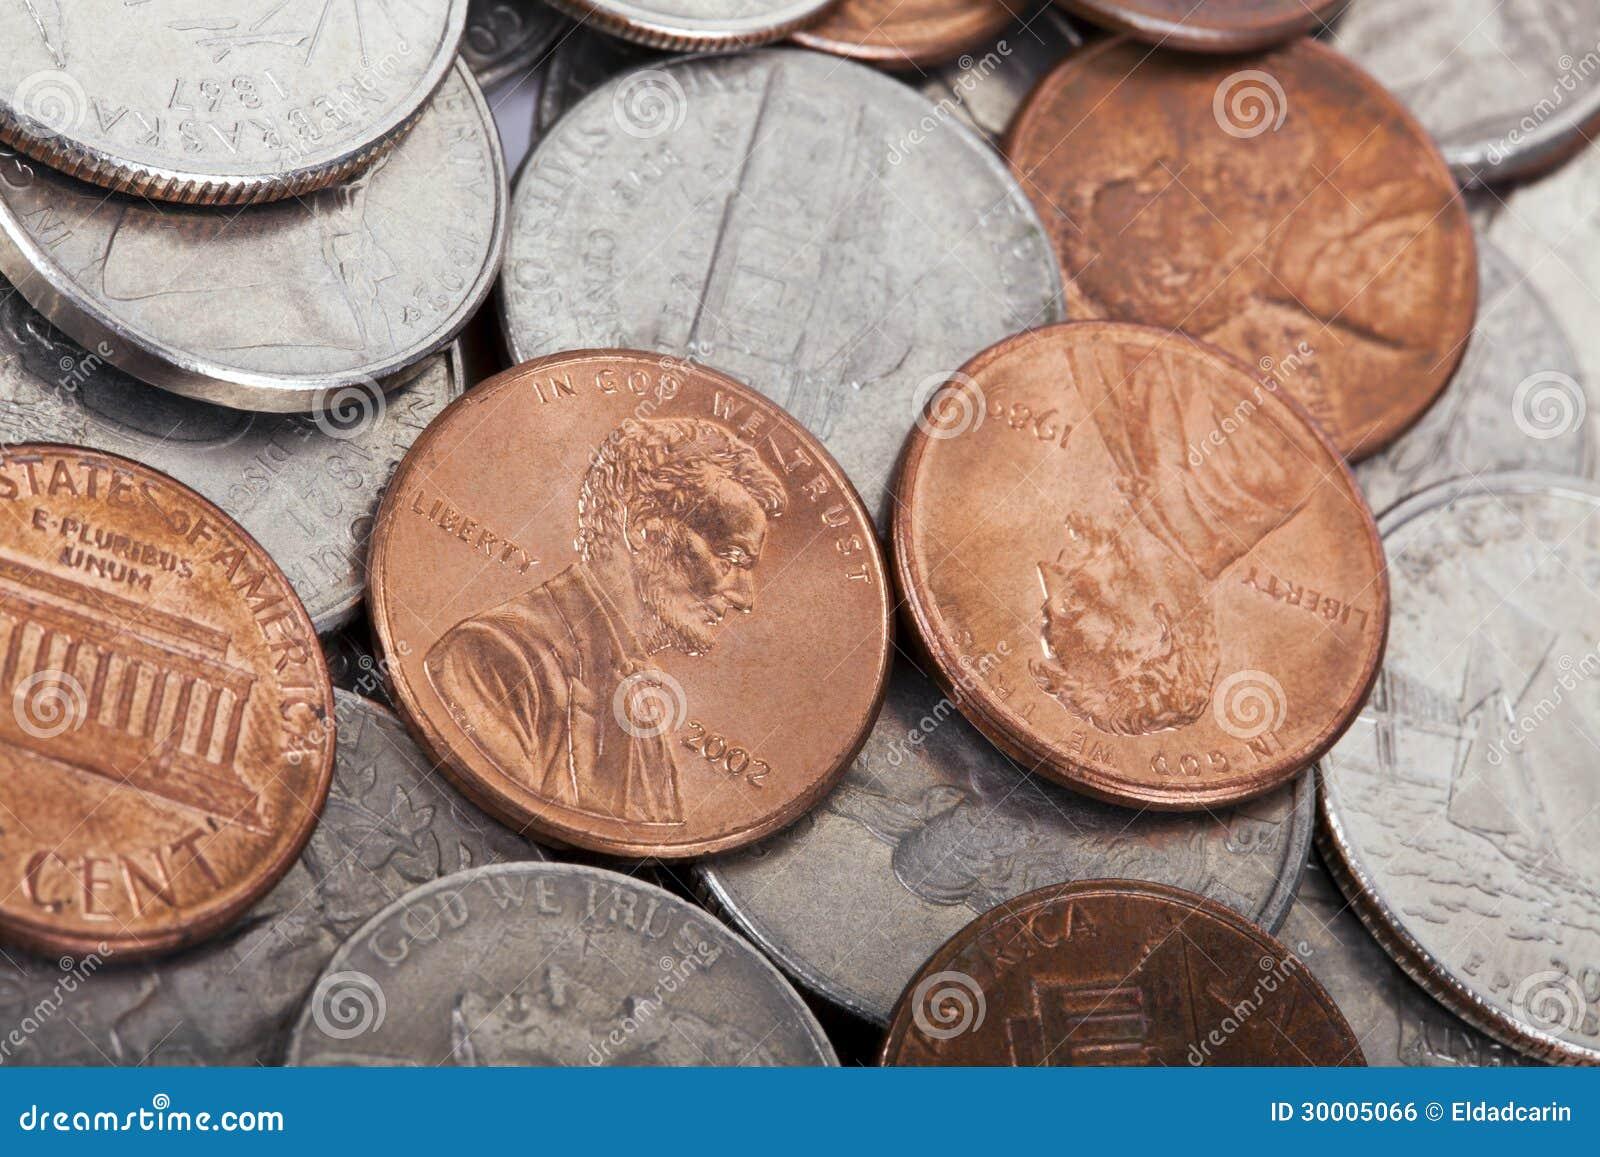 USA-Münzen-Stapel-Hintergrund